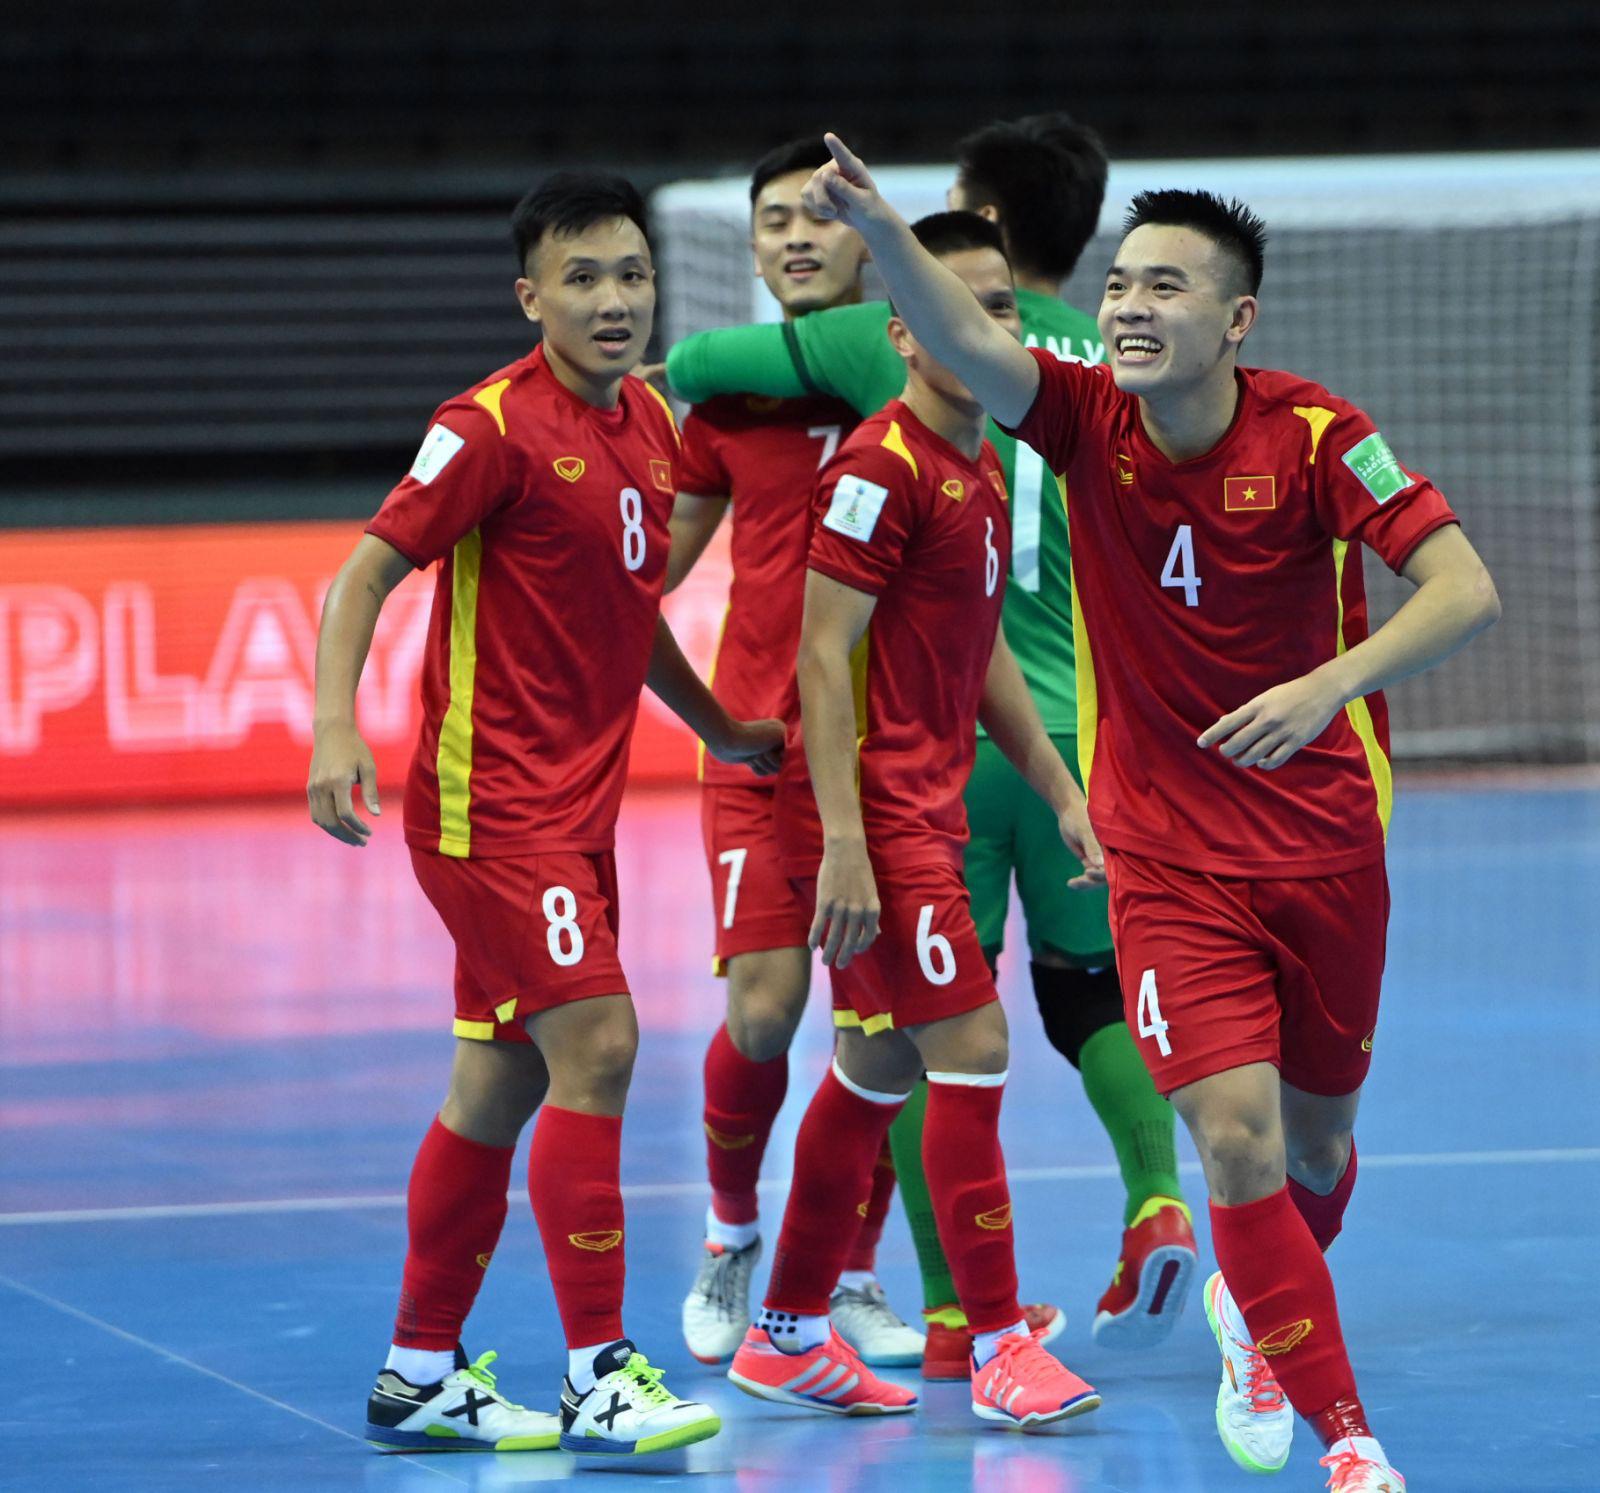 Nhờ đâu mà đội tuyển futsal Việt Nam lọt vào vòng 1/8 World Cup? - Ảnh 2.